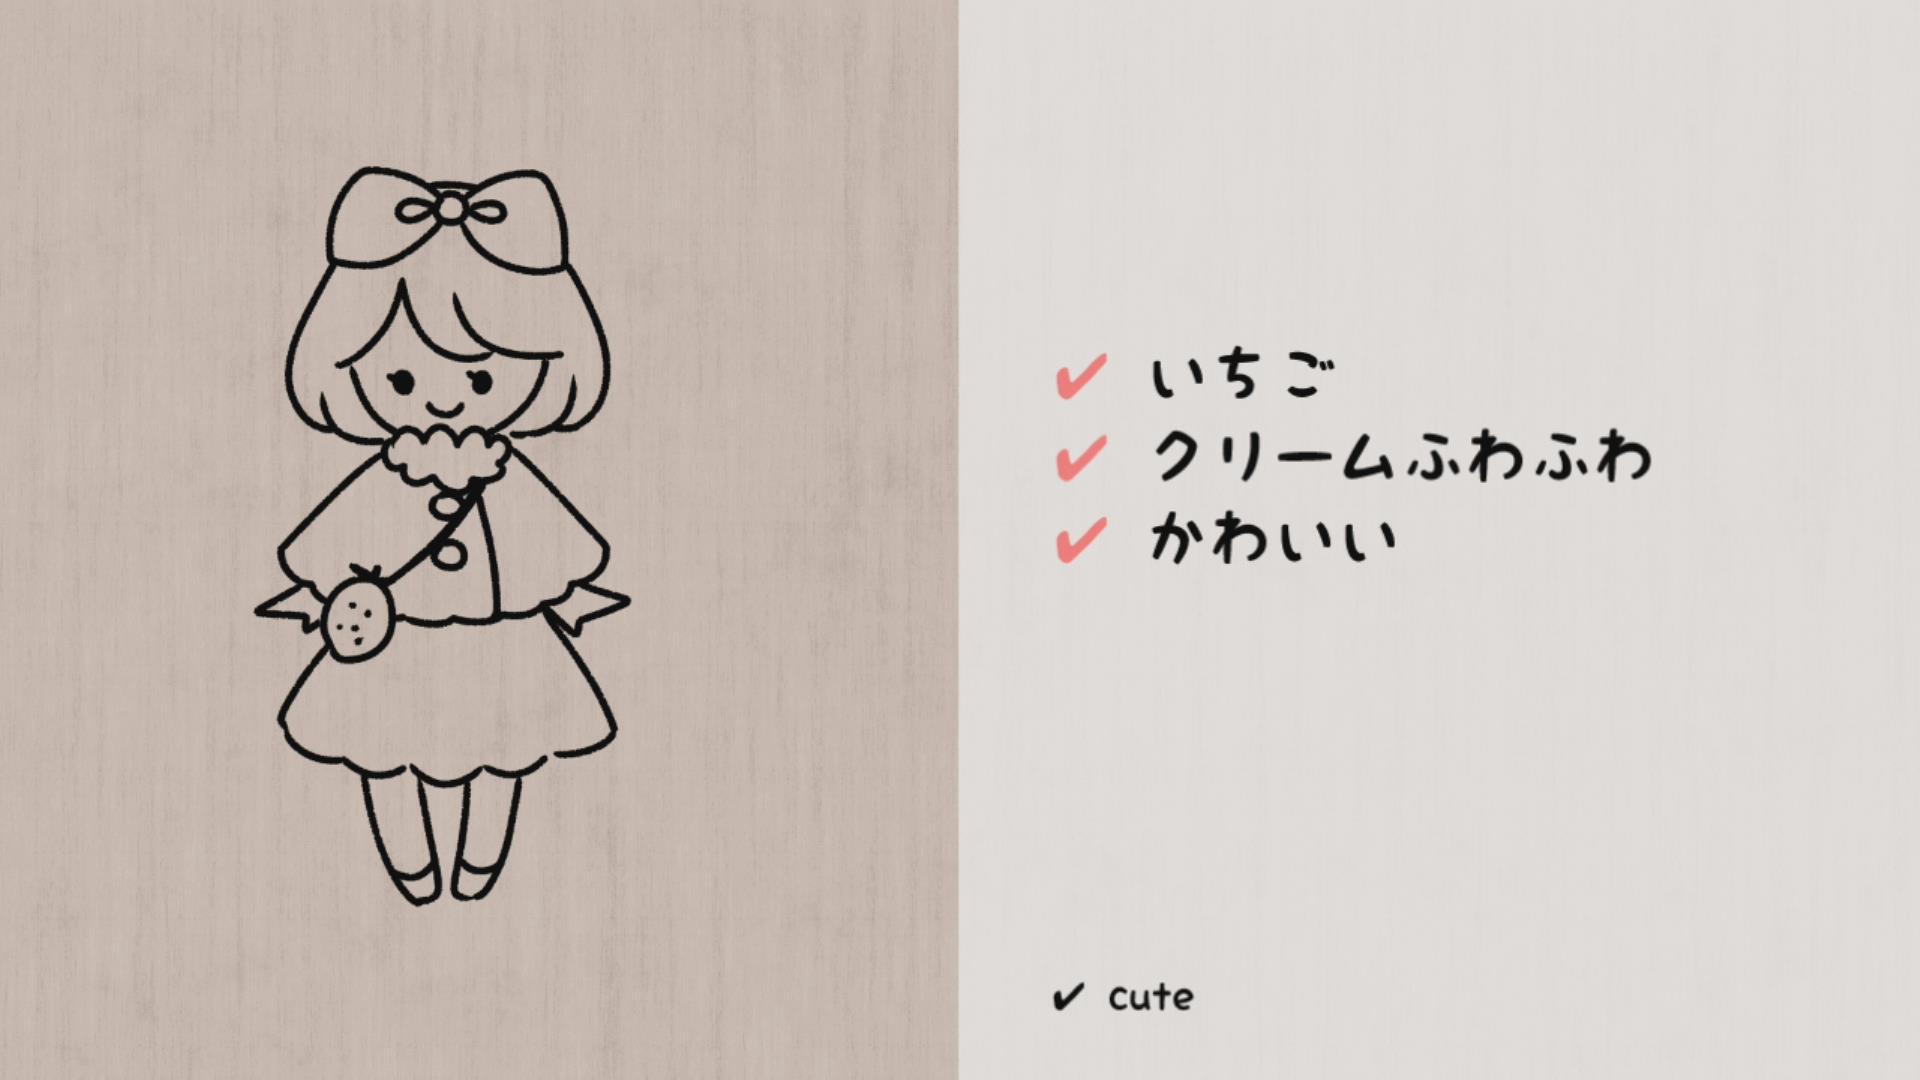 擬人化イラストのコツ】お菓子・スイーツモチーフの女の子を描く|ショートケーキちゃんの場合-遠北ほのかのイラストサイト